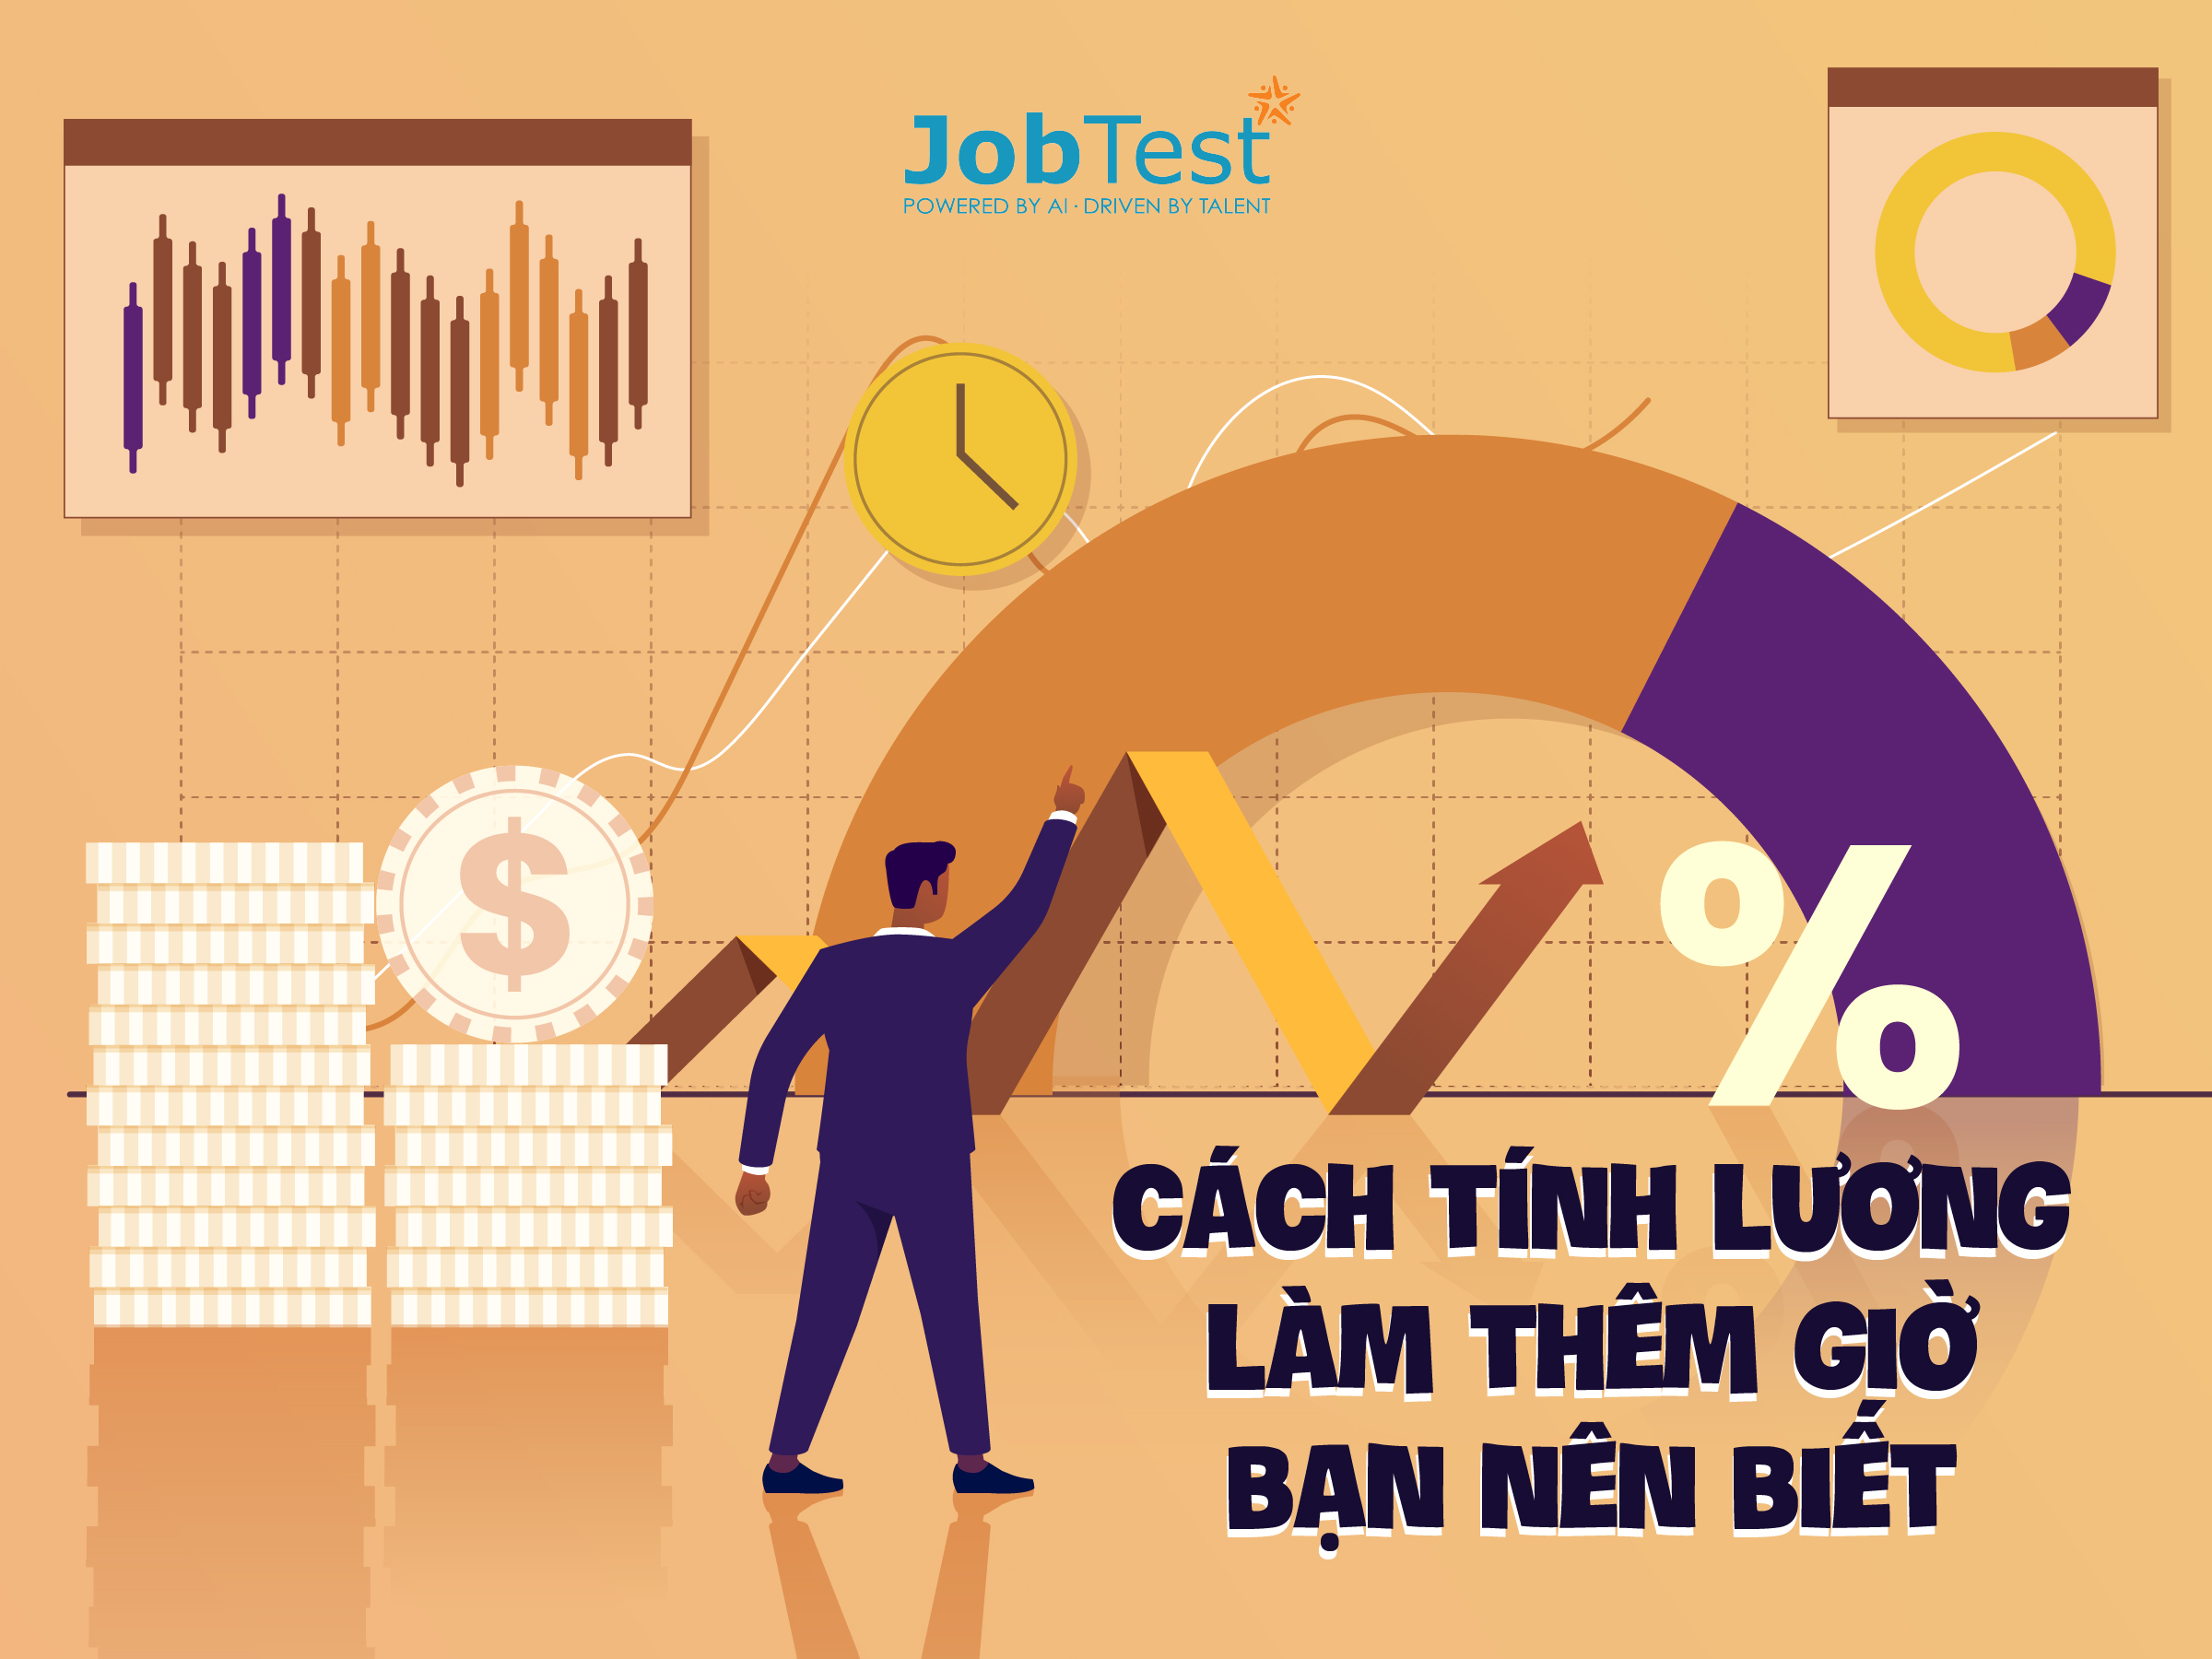 Cách tính lương làm thêm giờ bạn nên biết